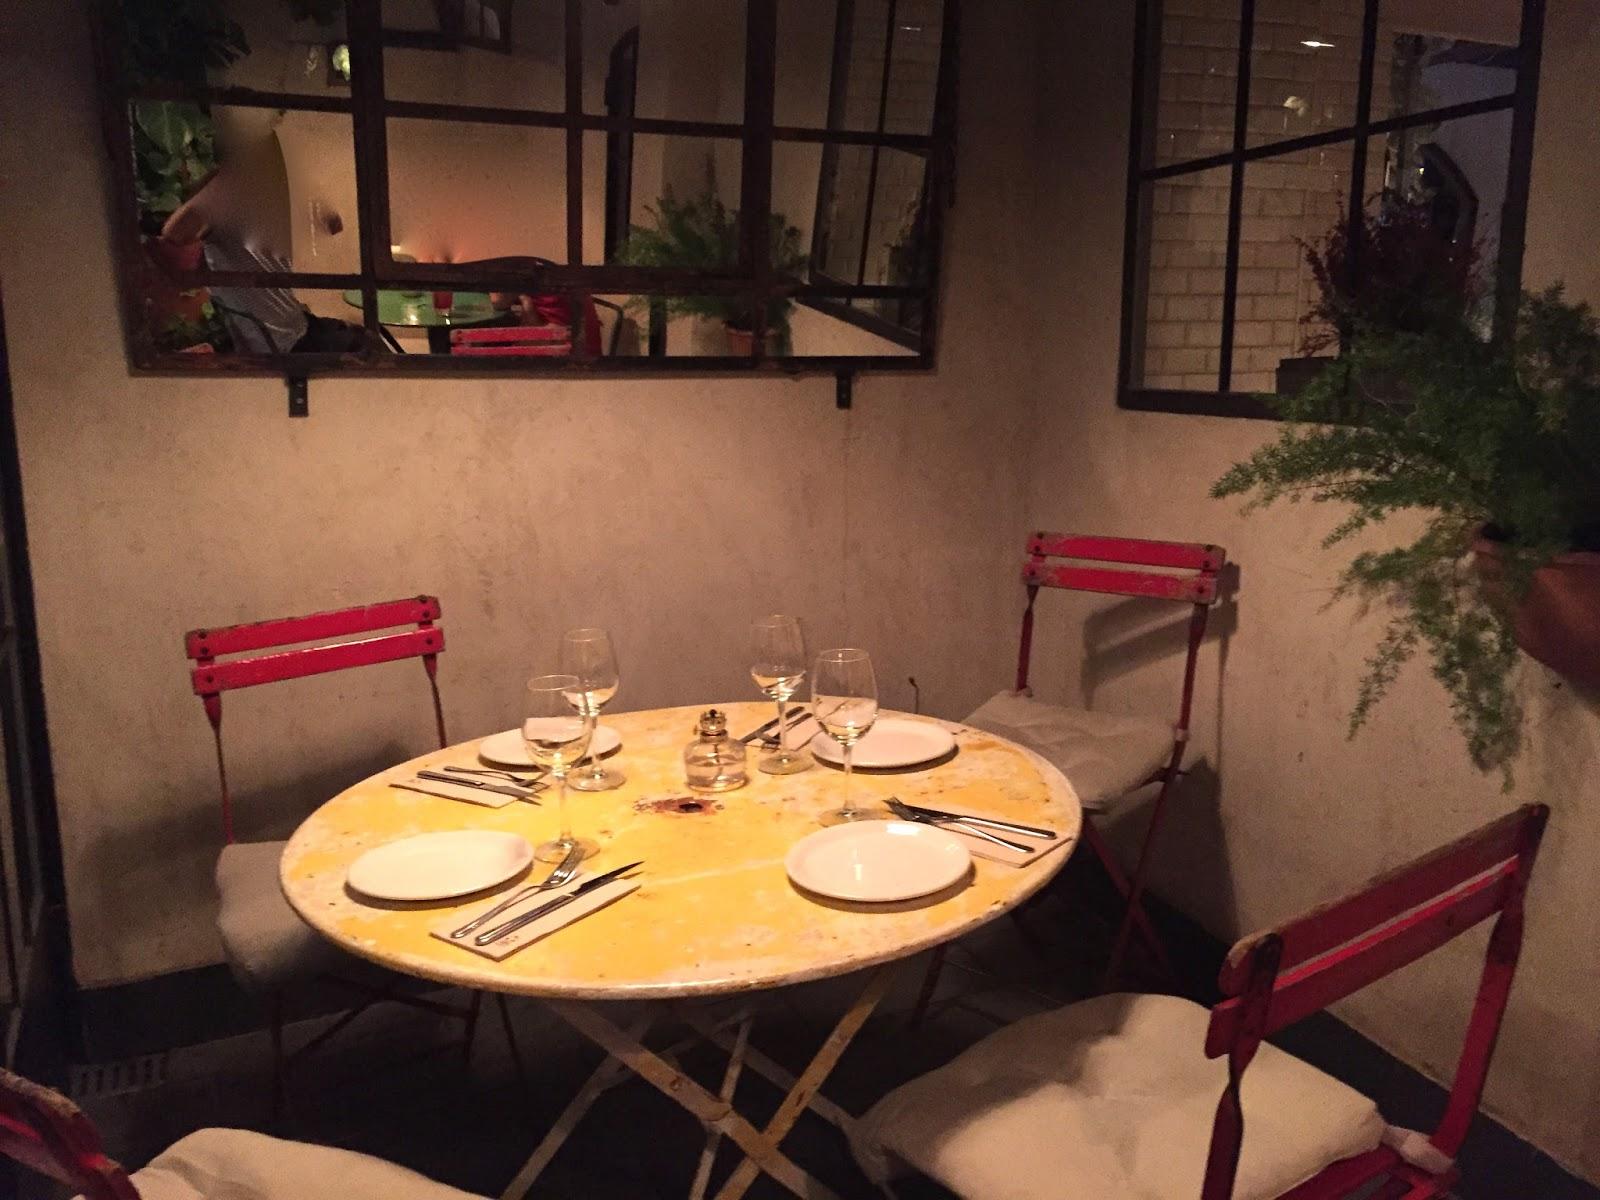 Estamostendenciados restaurante la pescader a un for Restaurante la mucca madrid calle prado